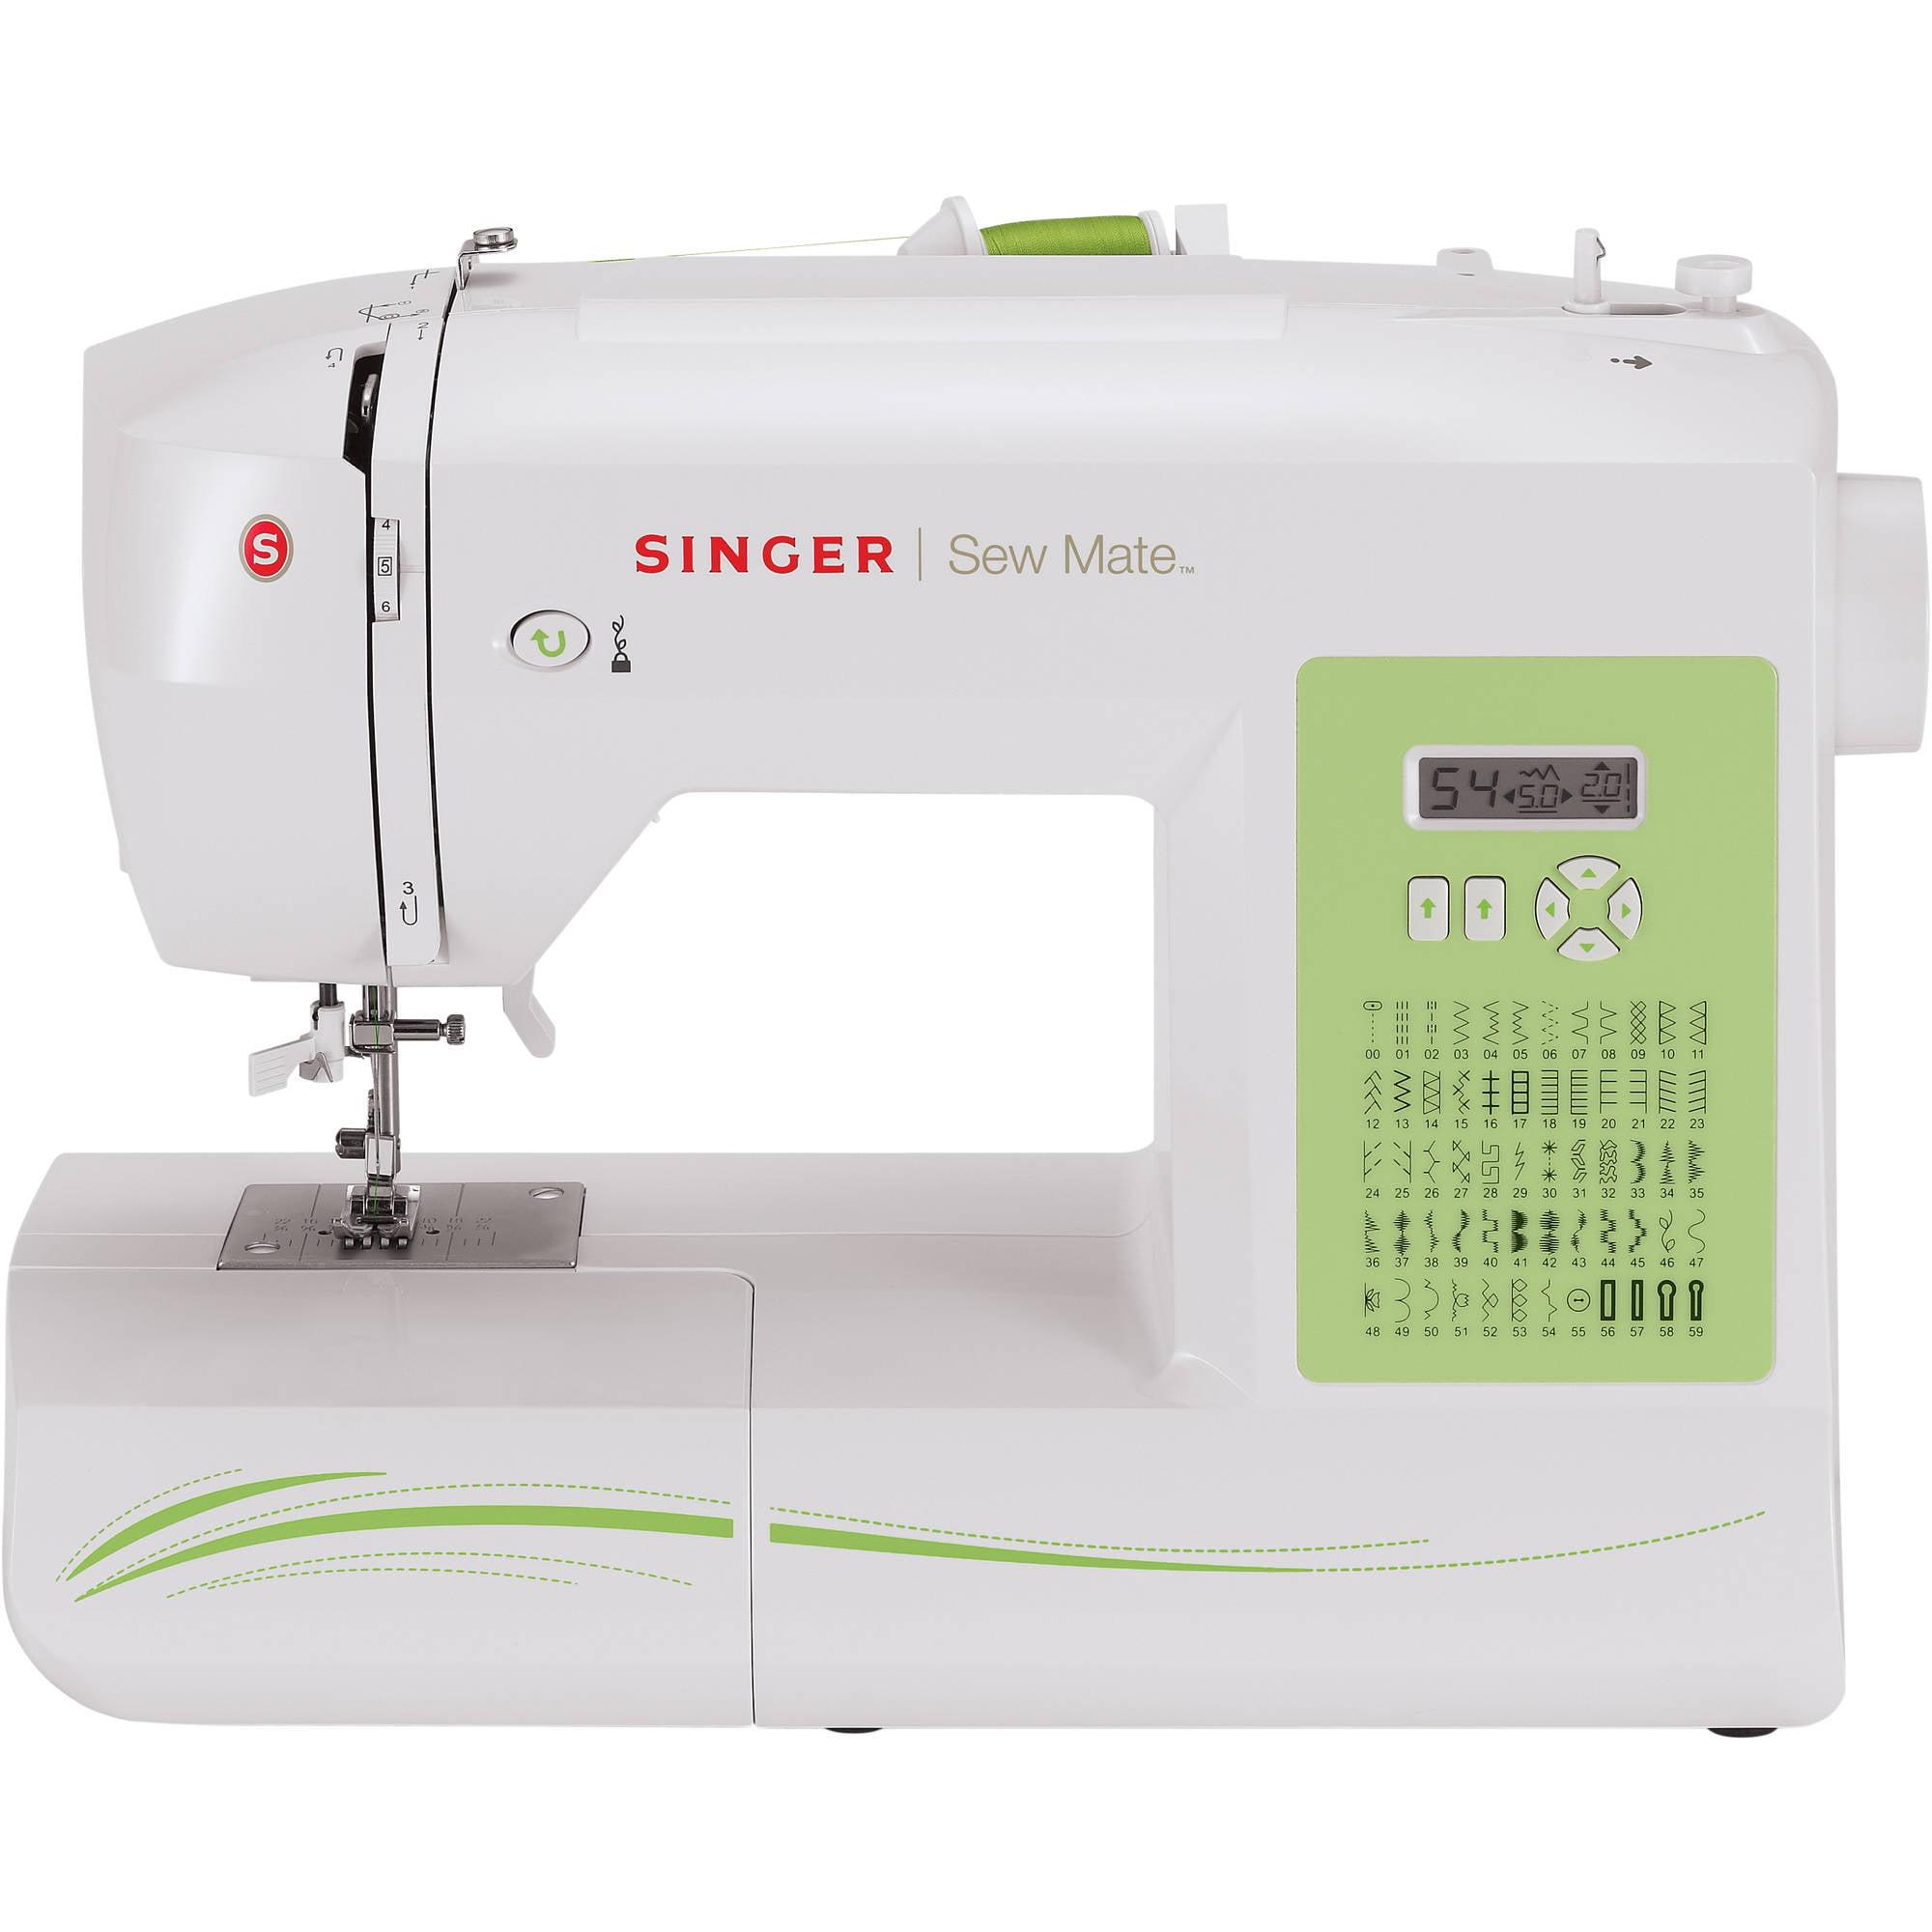 Singer 5400 Sew Mate 60-Stitch Sewing Machine